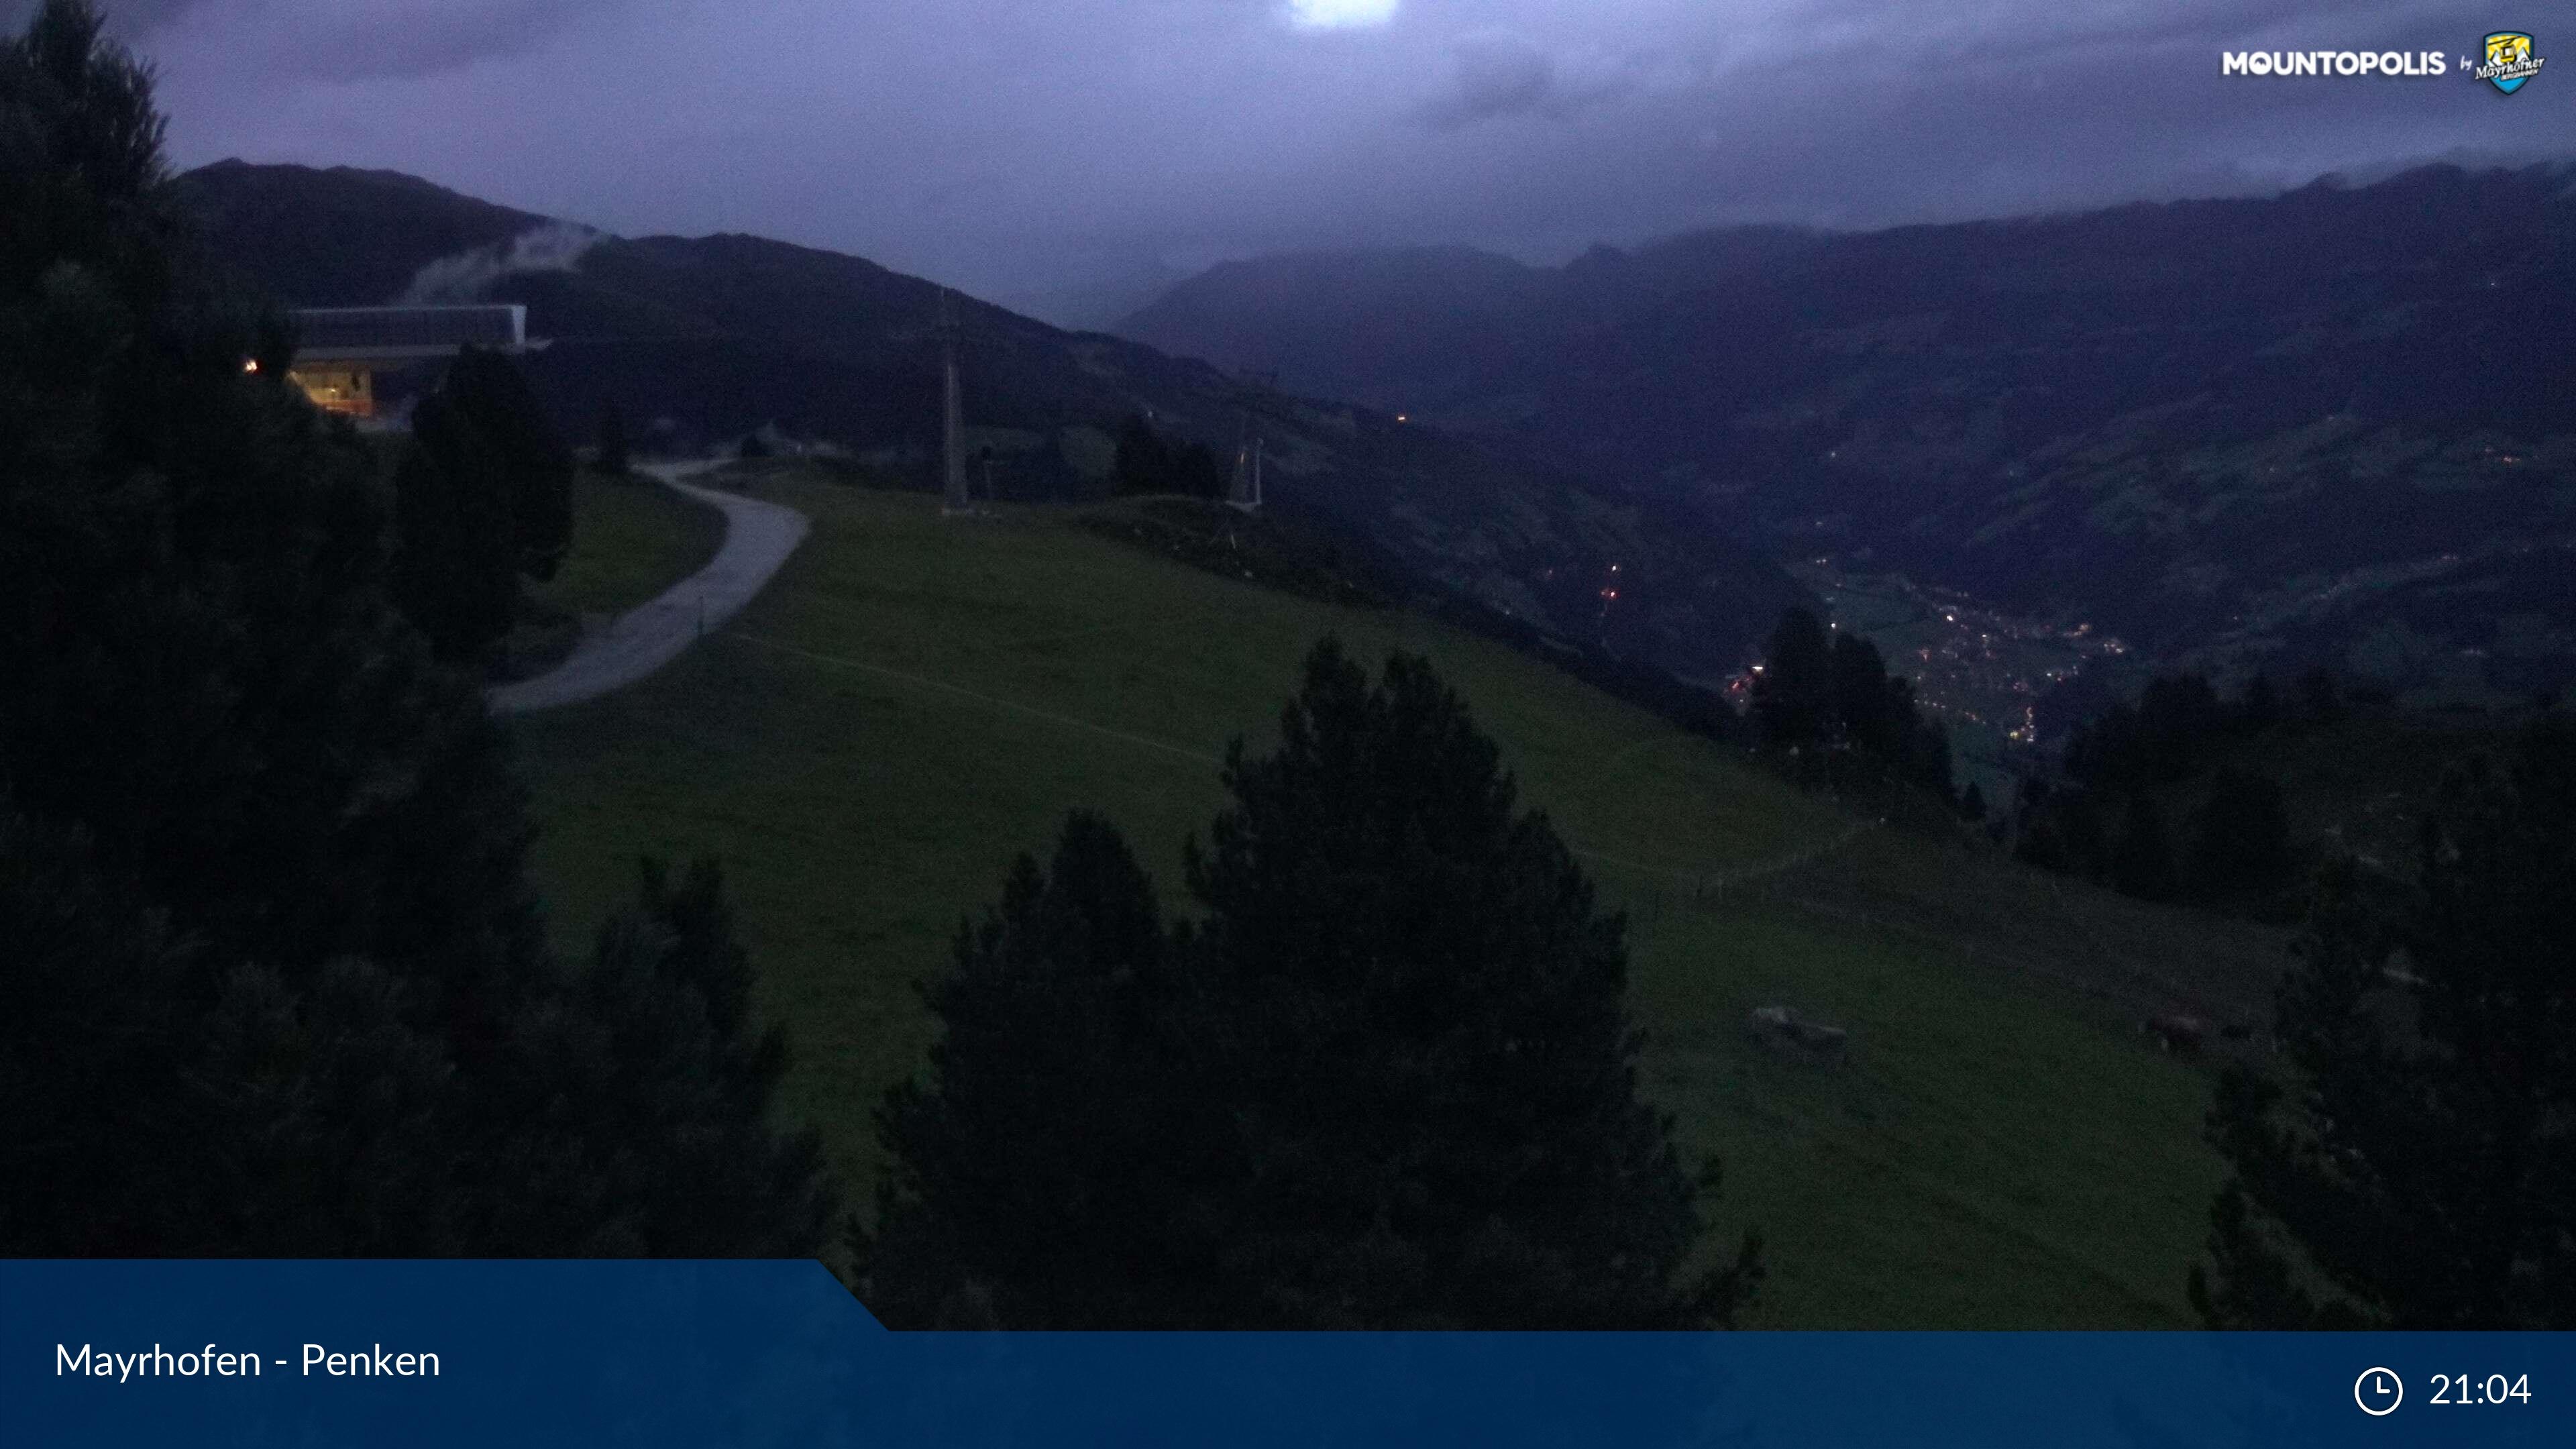 Mayrhofen - Penken